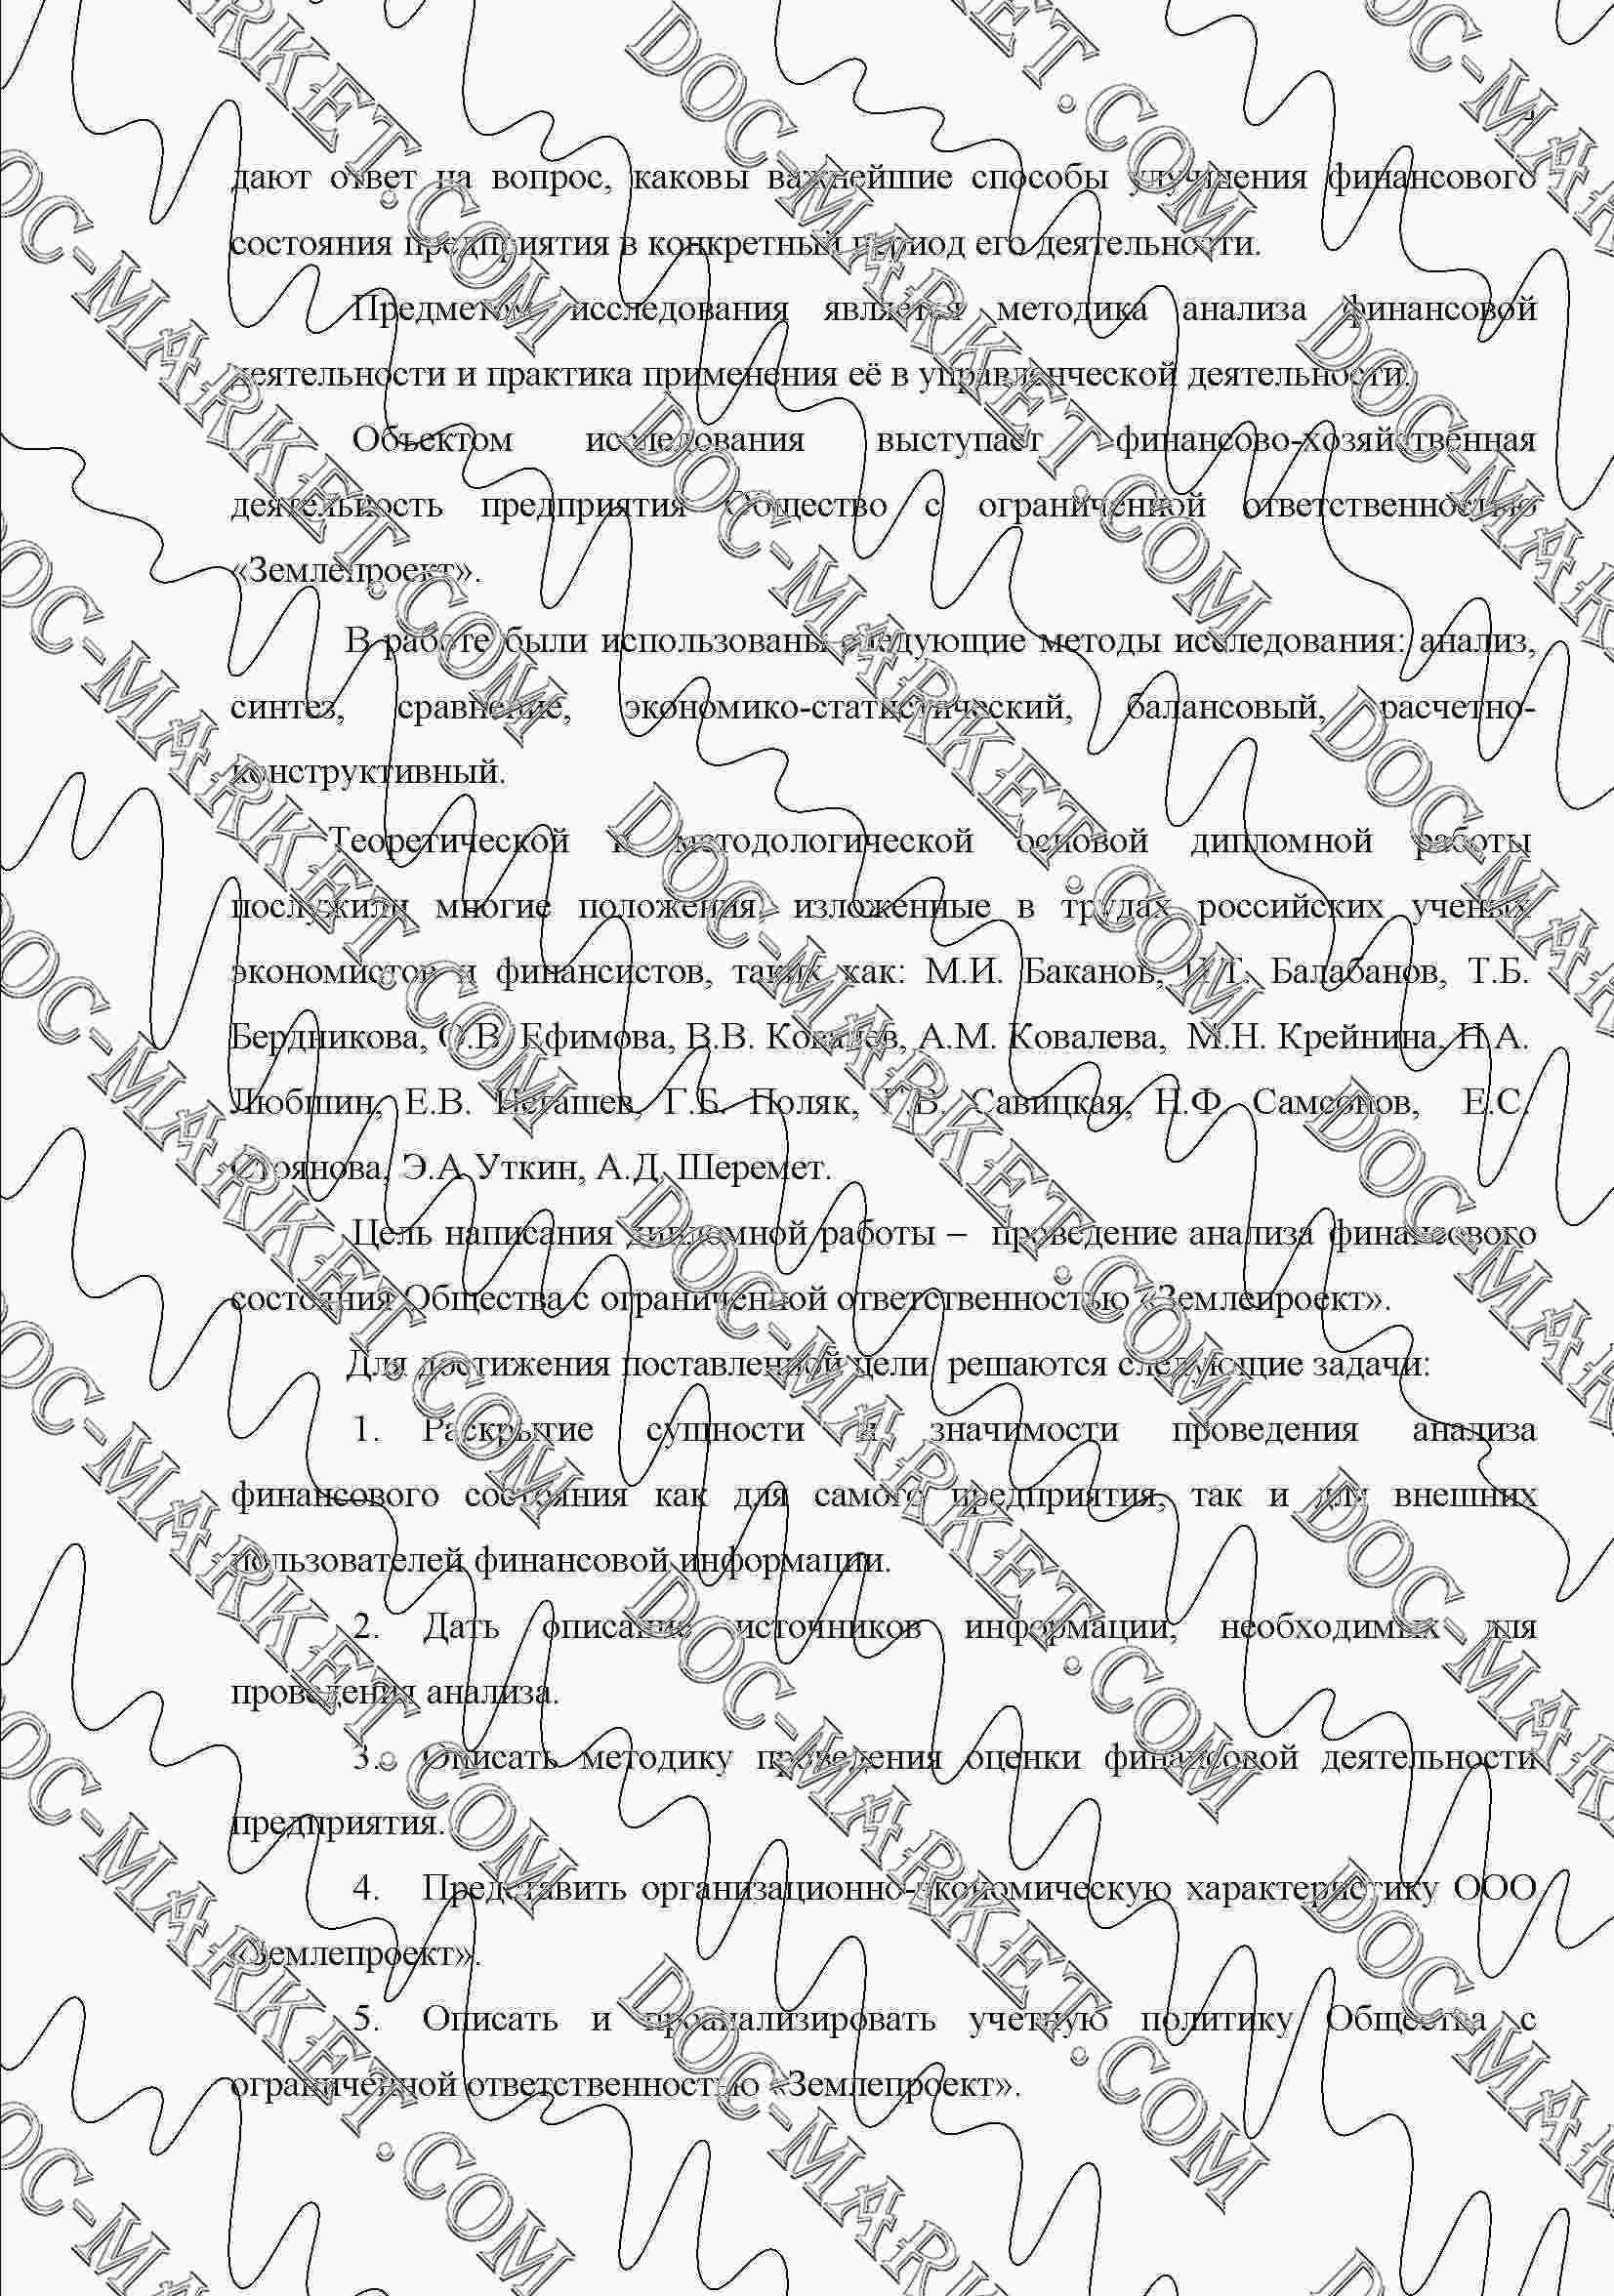 Дипломная работа АНАЛИЗ ОЦЕНКА ФИНАНСОВОГО СОСТОЯНИЯ  автоматический анализ финансового состояния xls